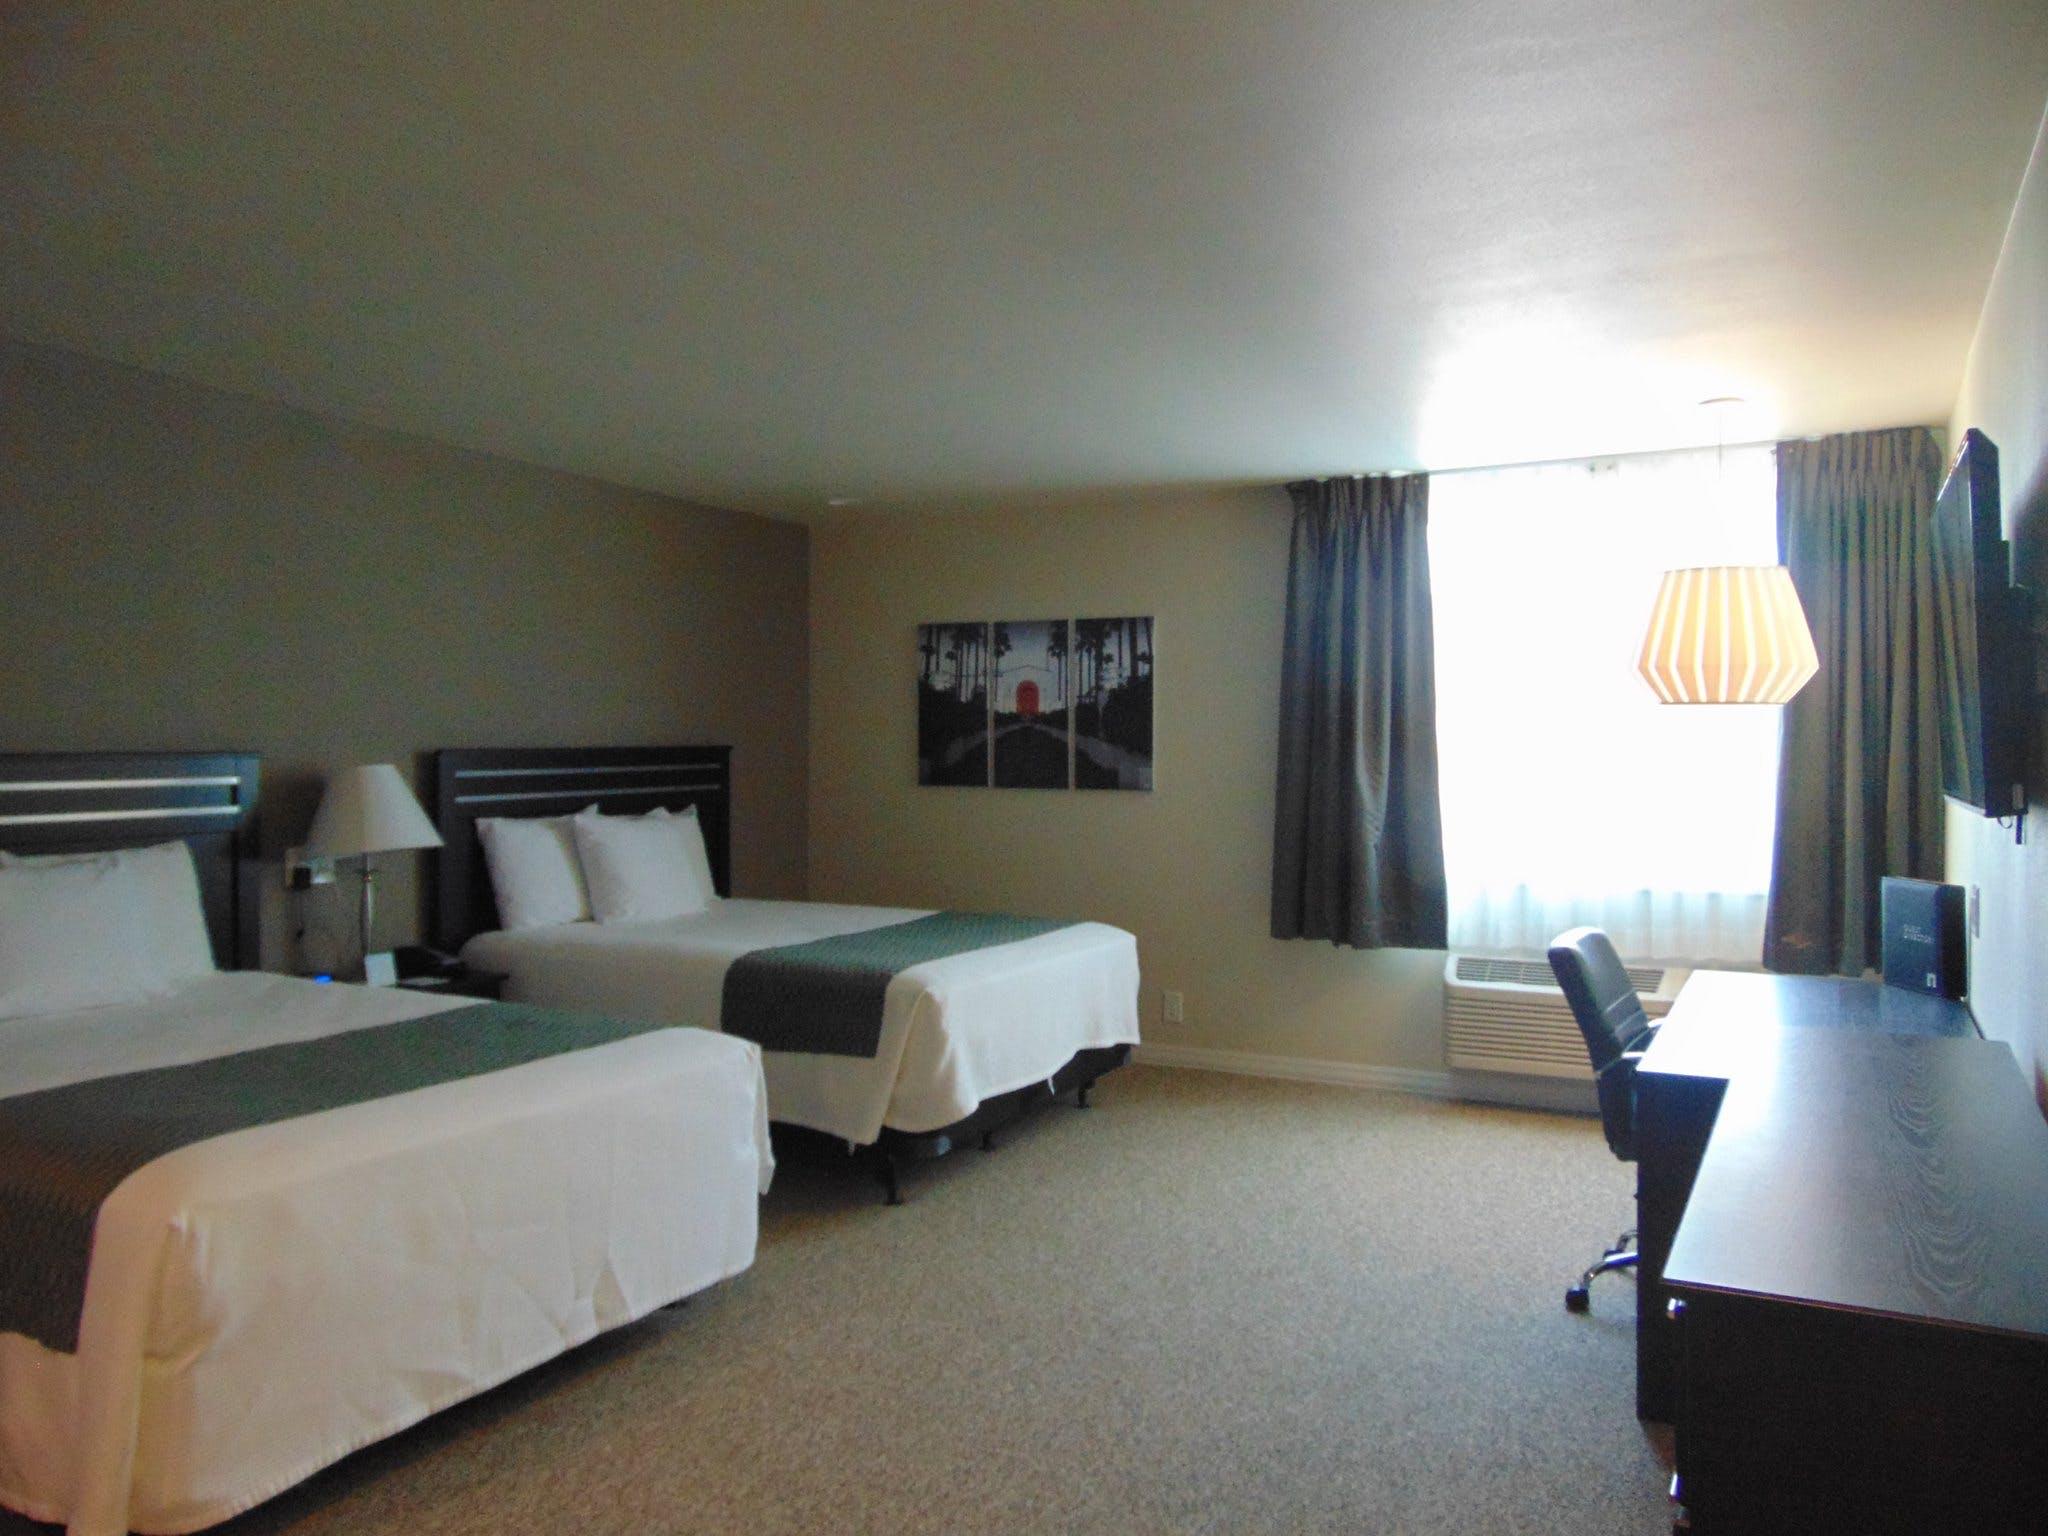 wellington hotel deluxe double. Auto Hotel Deluxe. View All Images Deluxe Wellington Double